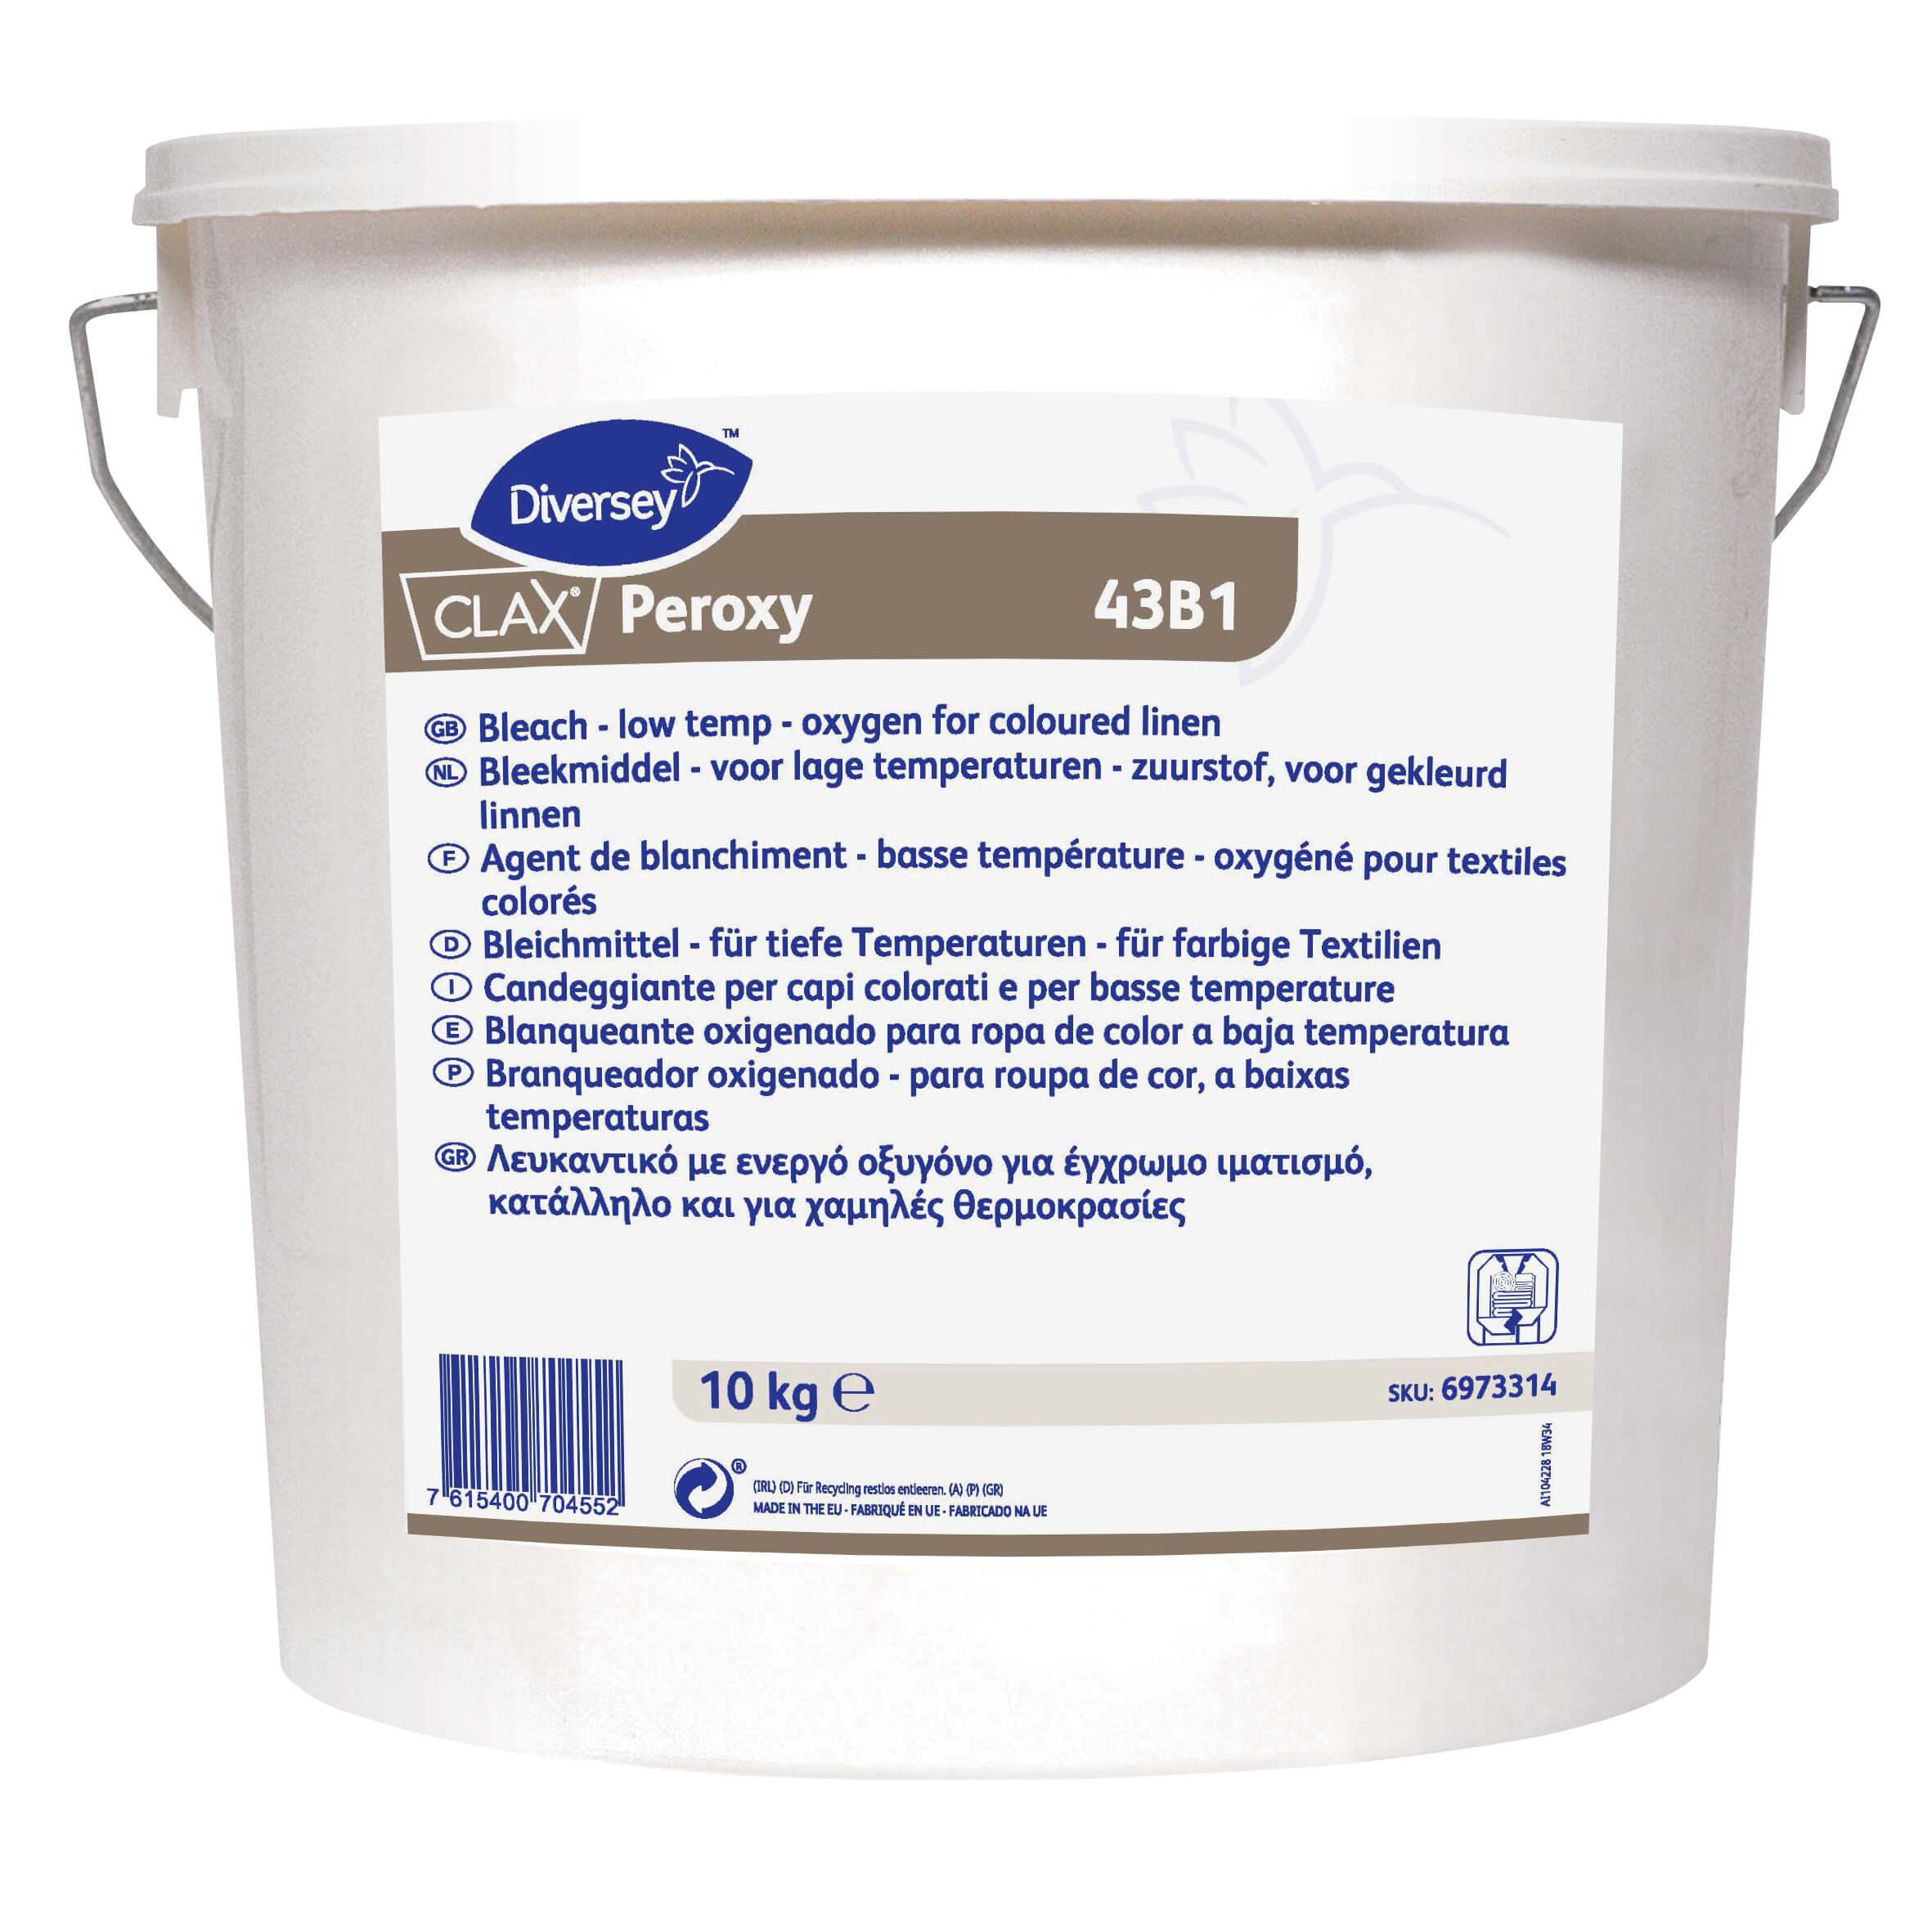 Clax Peroxy 43B1